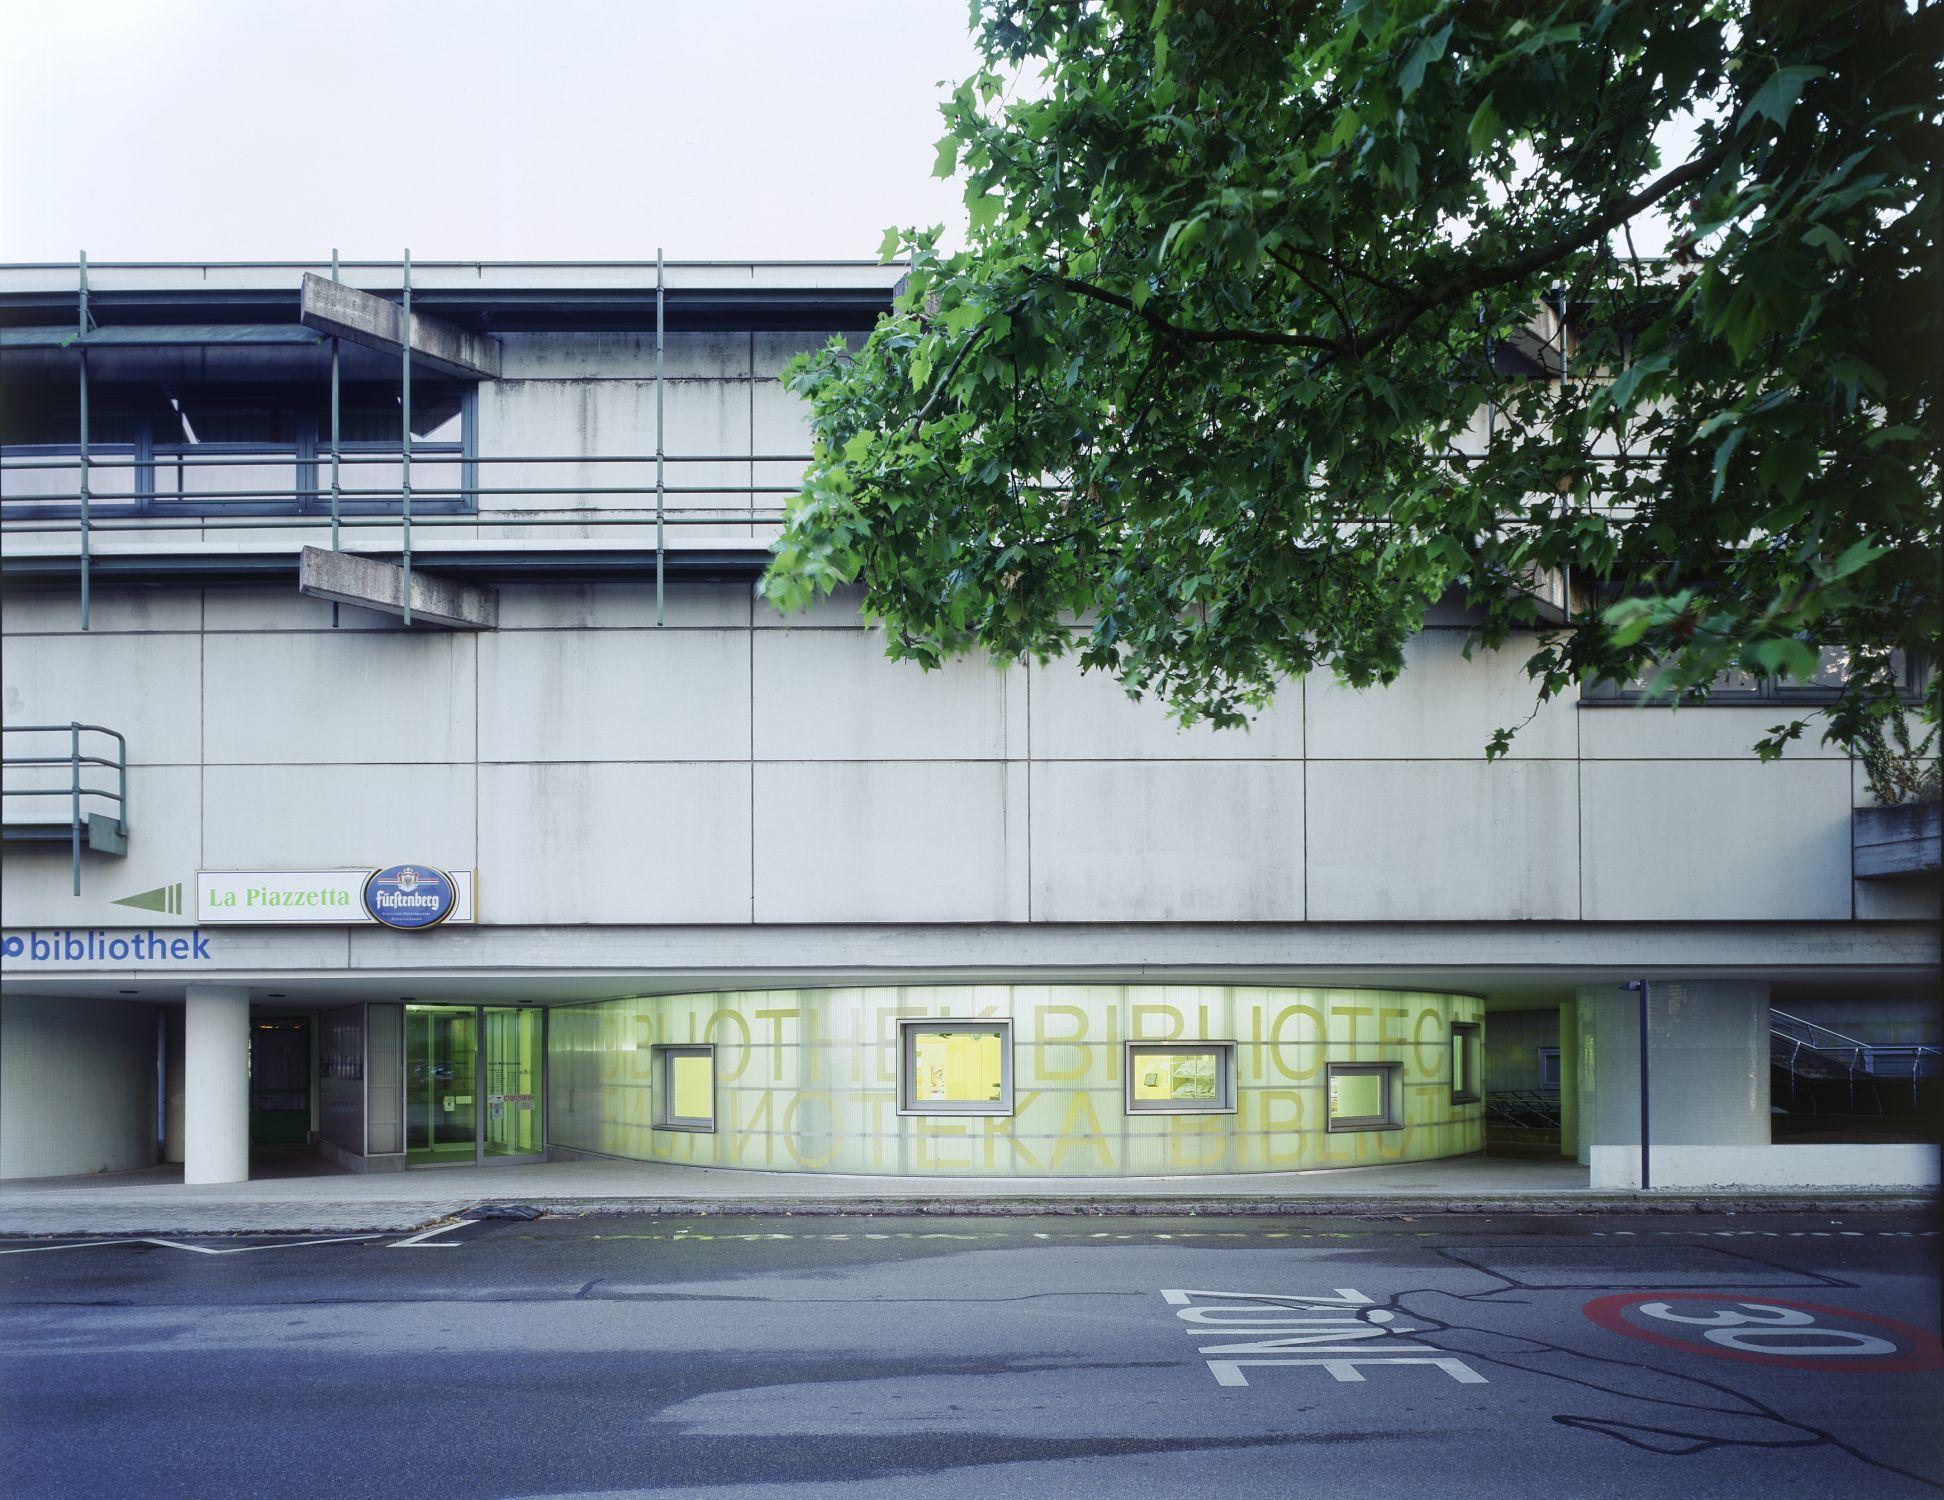 Fotograf: Ruedi Walti, Basel